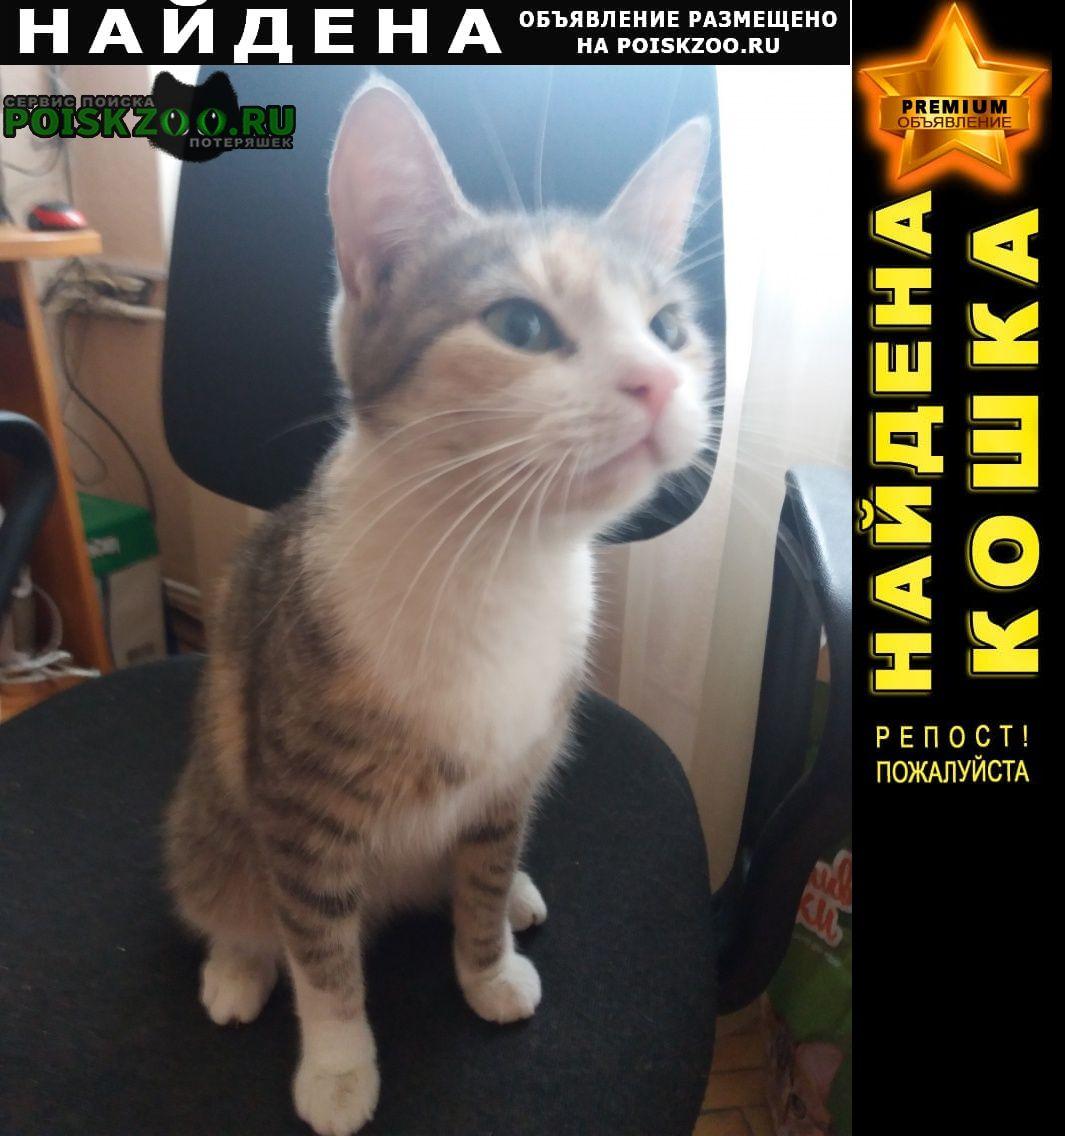 Найдена кошка возраст примерно 6 месяцев Санкт-Петербург